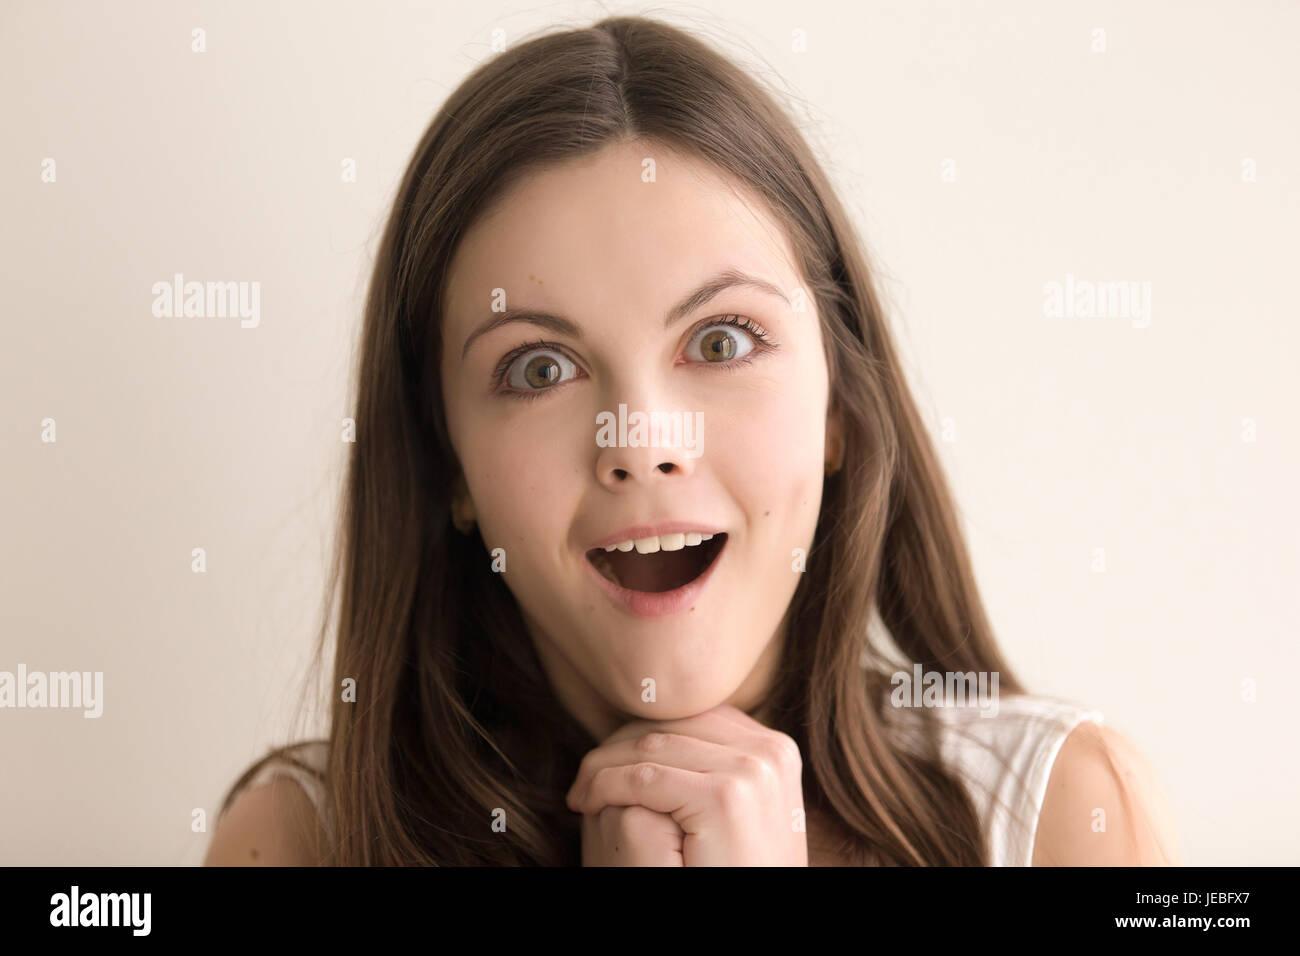 Unglaubliches Facial Für Ein Fickbares Girl